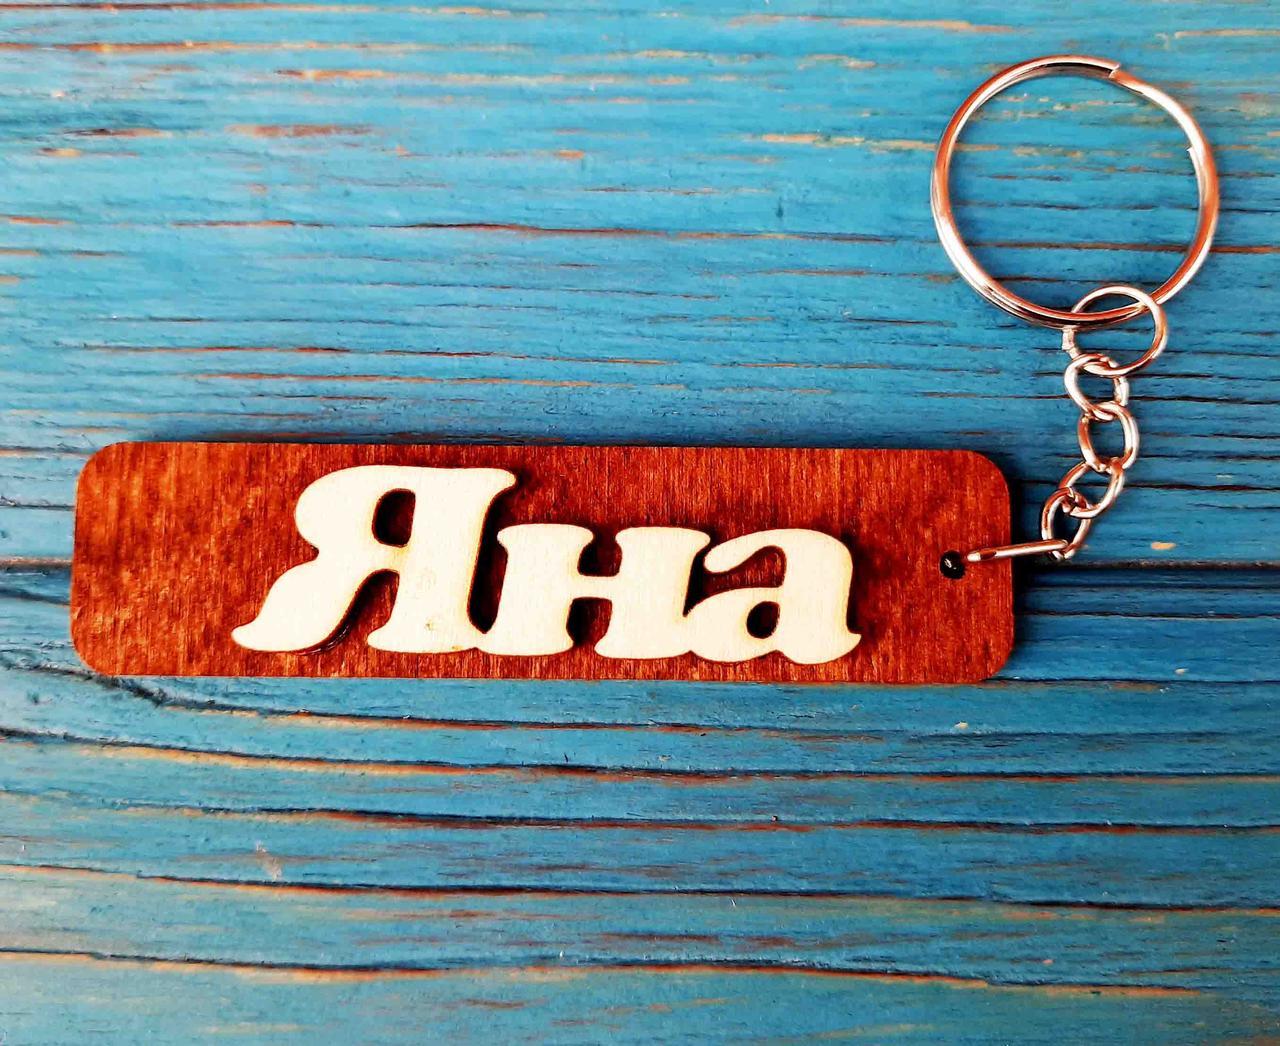 Брелок іменний Яна. Брелок з ім'ям Яна. Брелок дерев'яний. Брелок для ключів. Брелоки з іменами